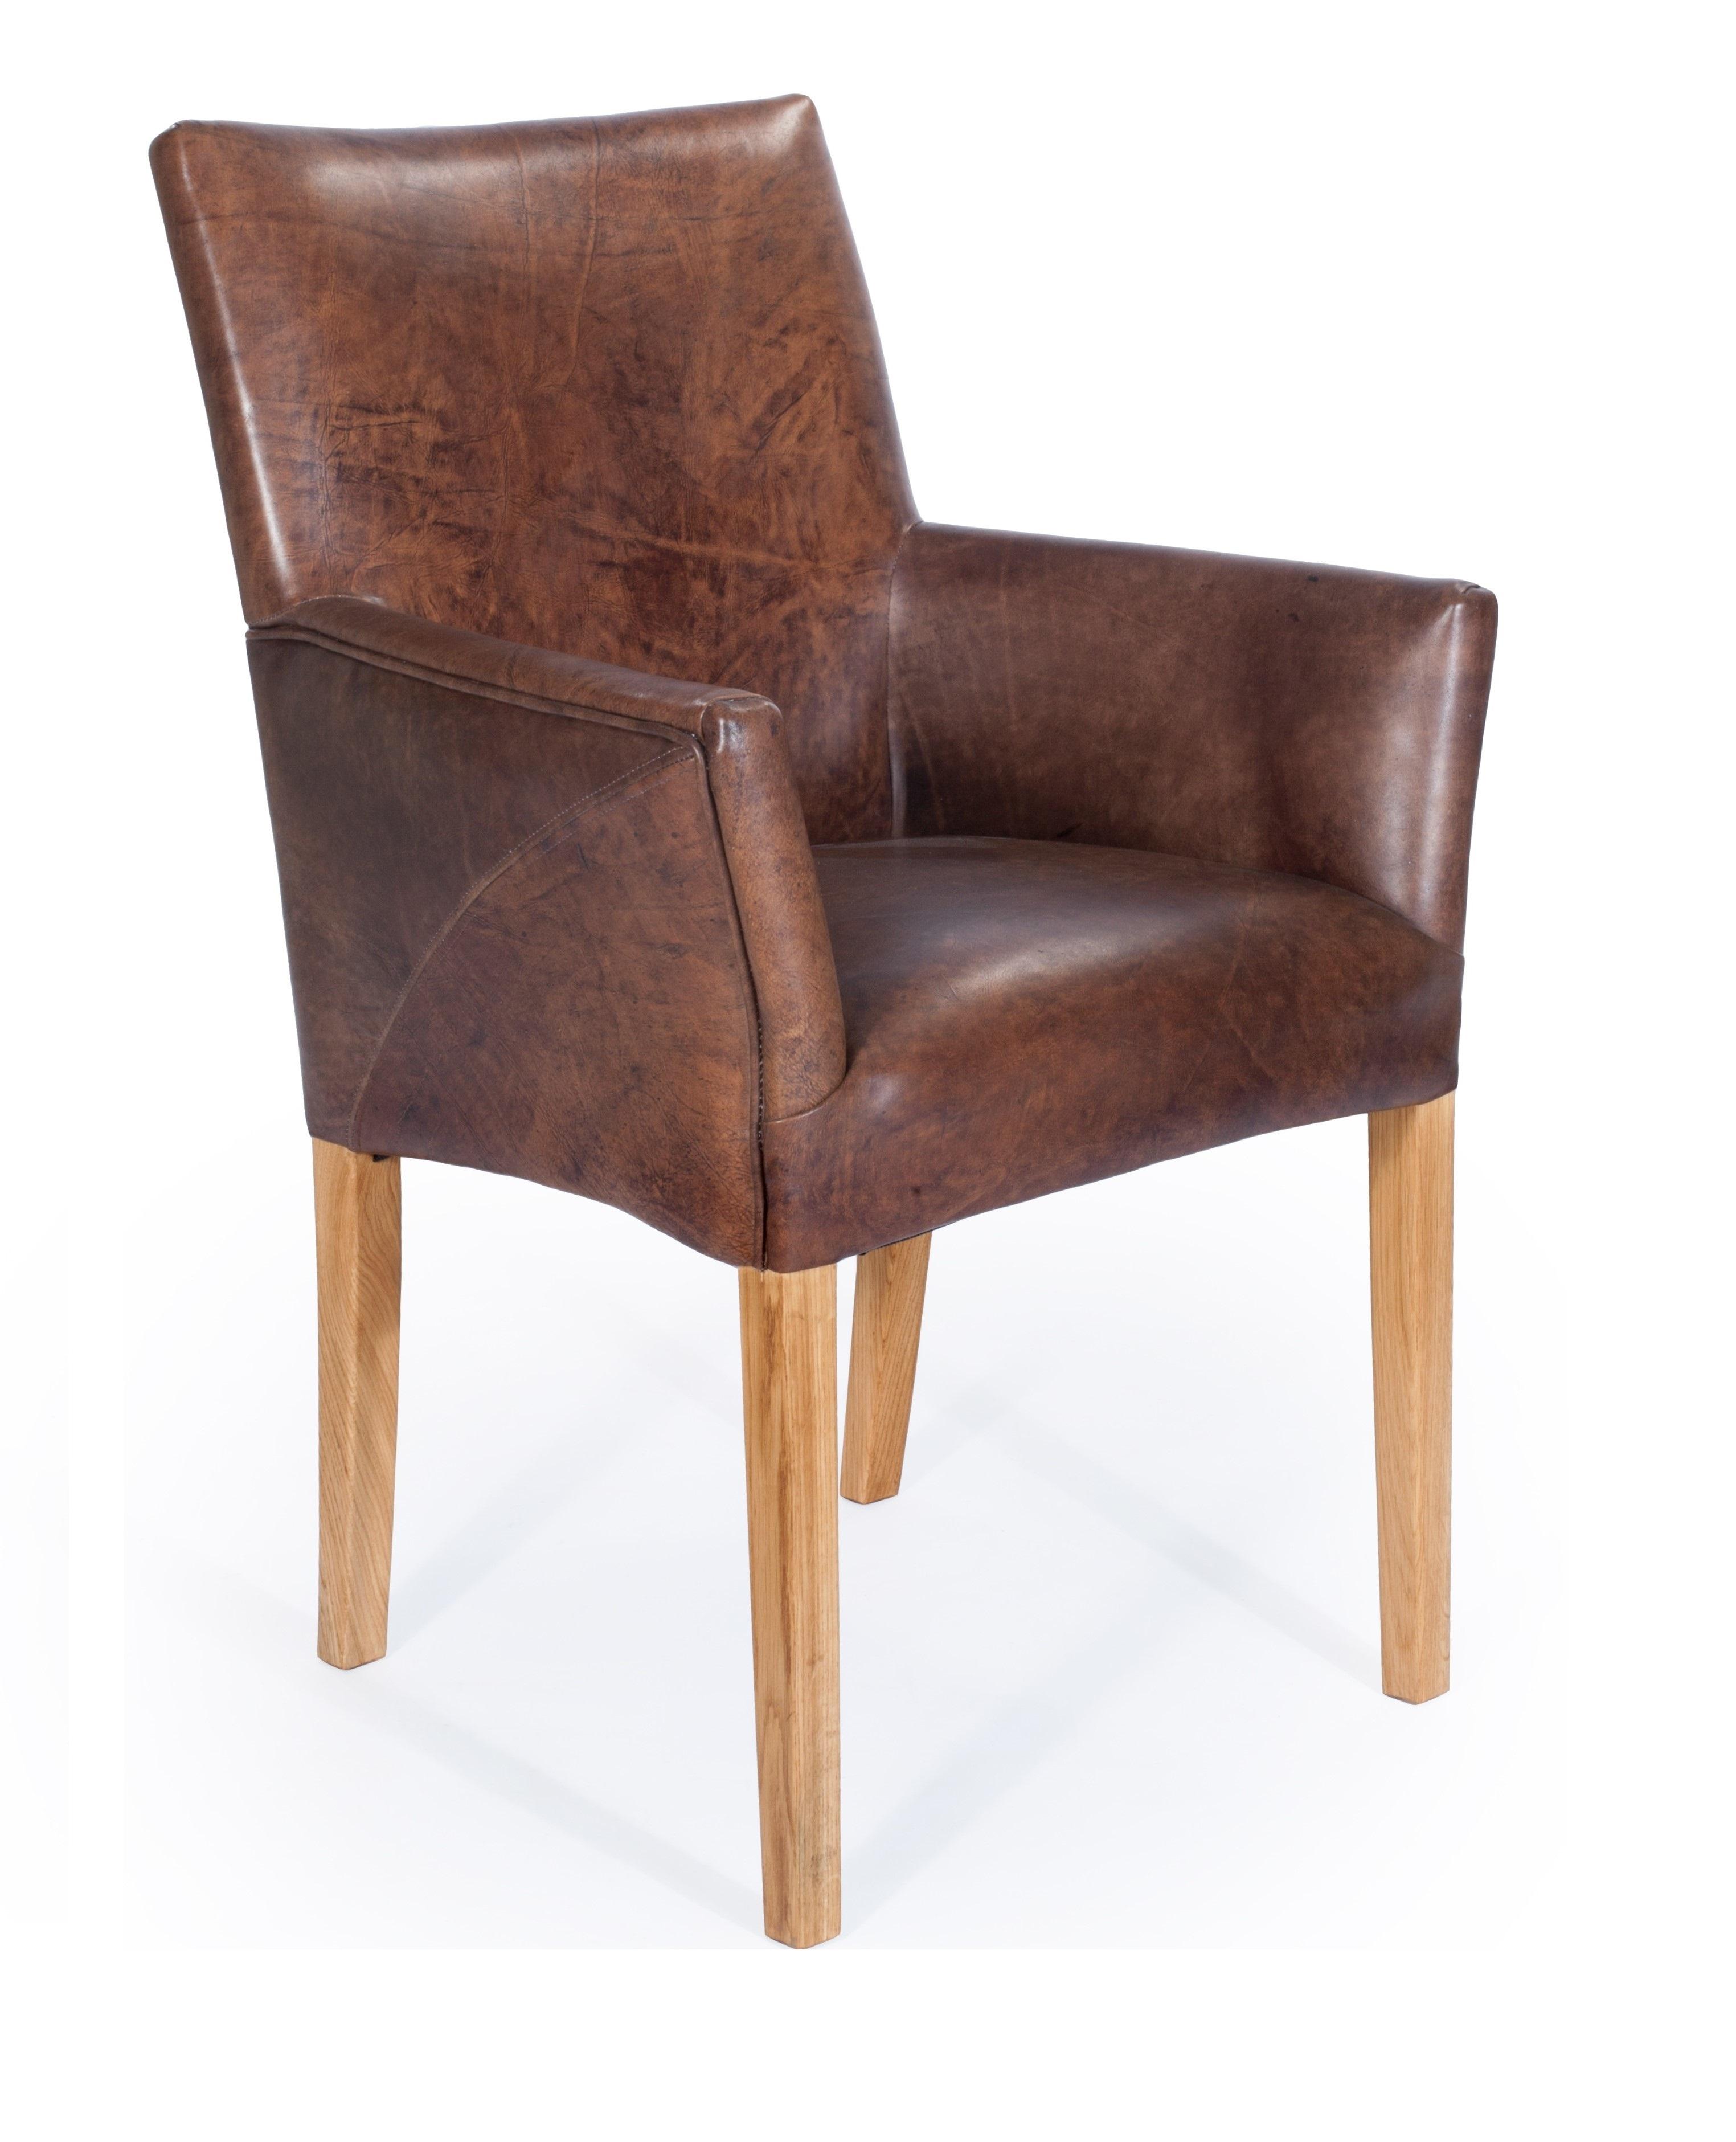 Armlehnenstuhl Sessel Designer Regensburg Echt Leder Vintage Dunkelbraun Eiche Stuhl